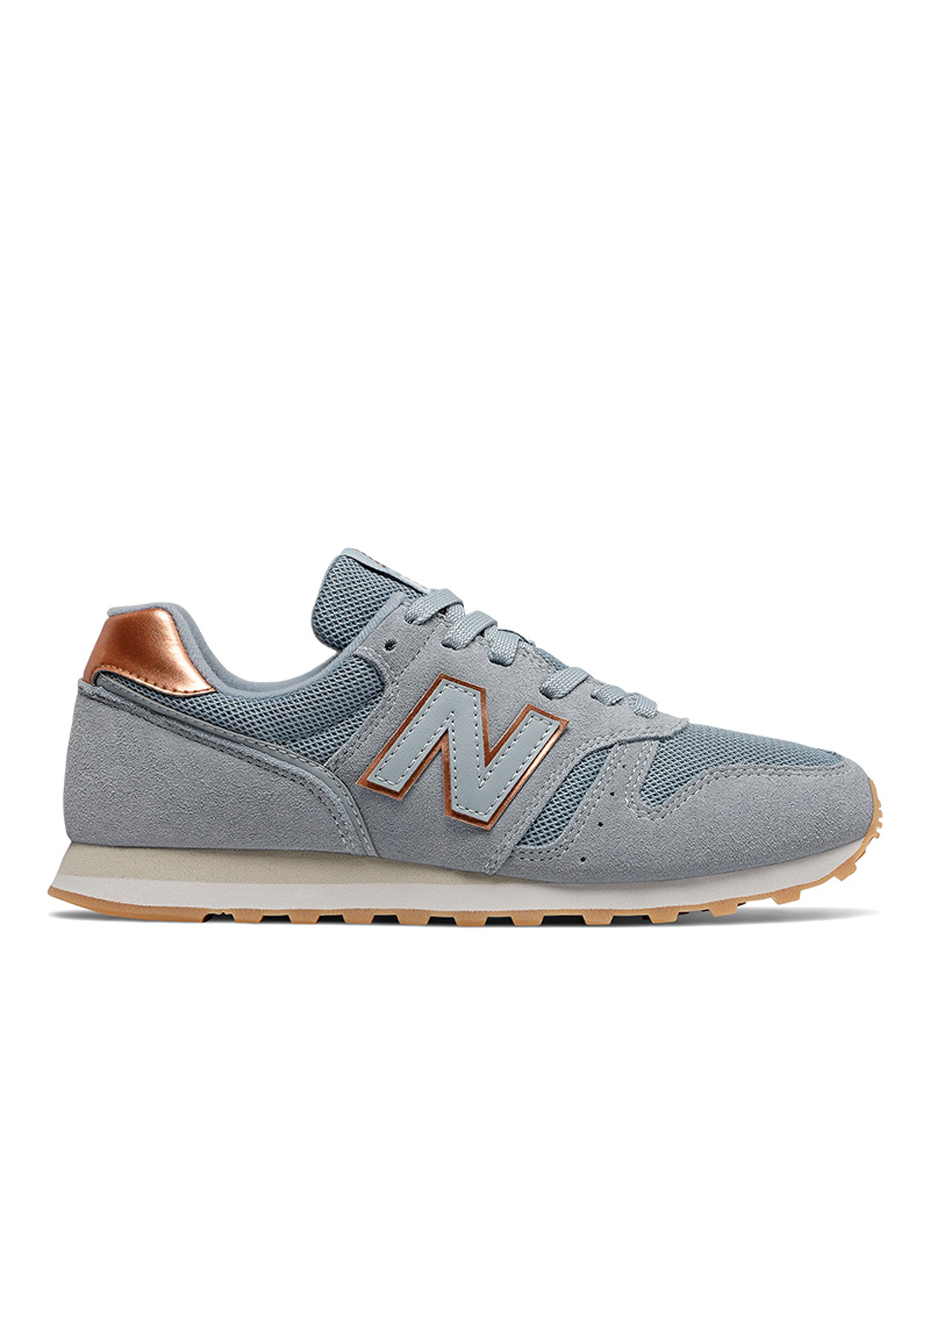 new balance 373 choice